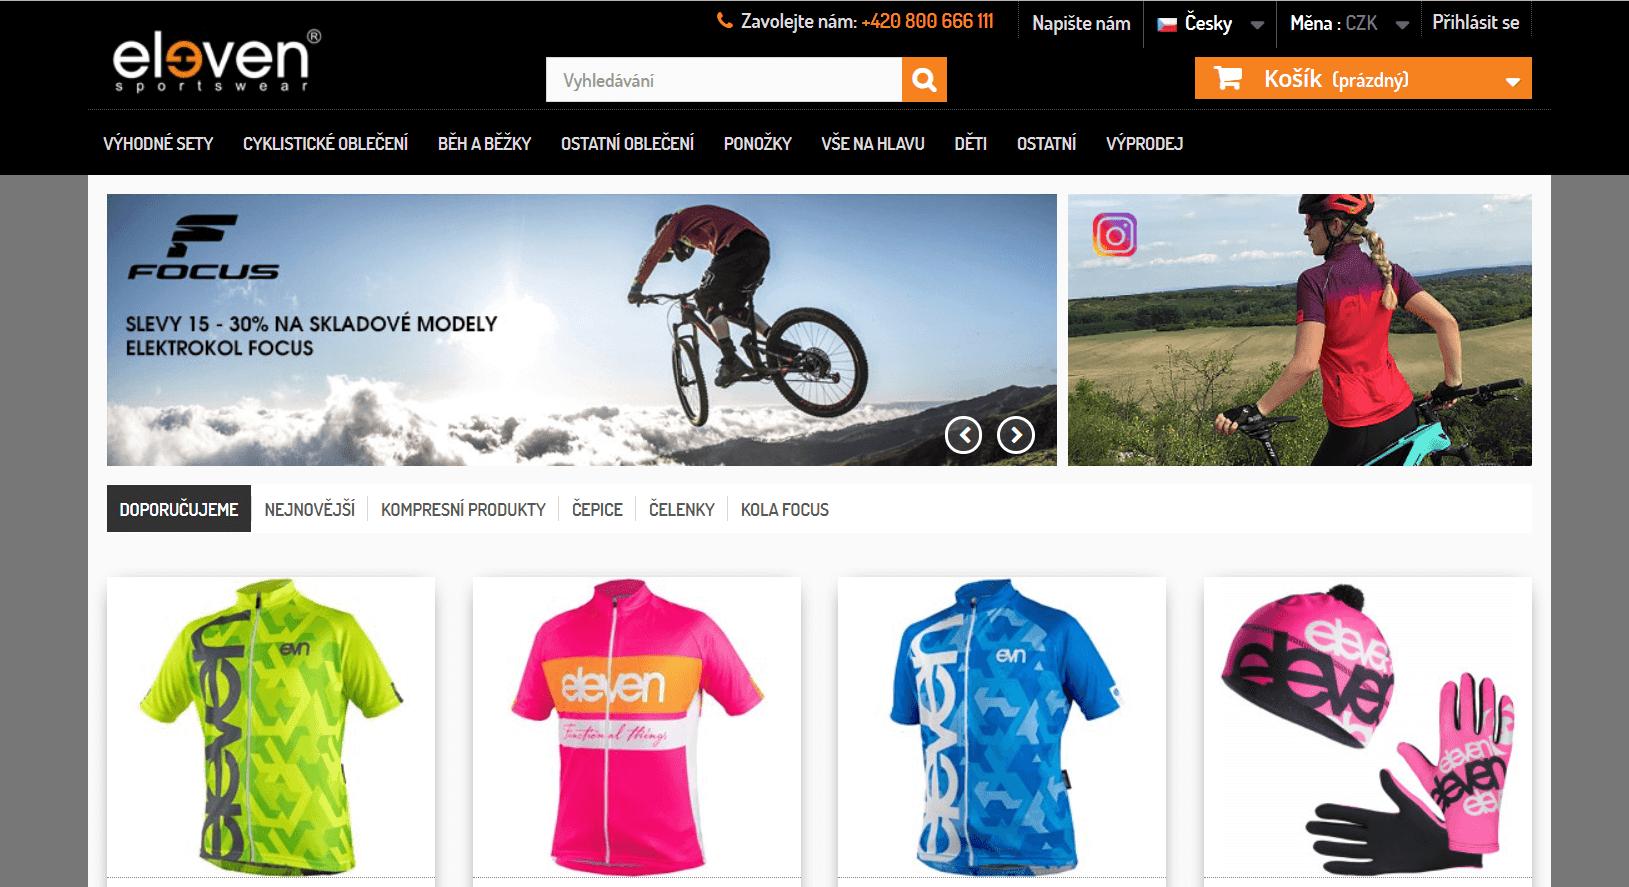 Купівля на Eleven Sportswear з доставкою в Україну - myMeest - 2